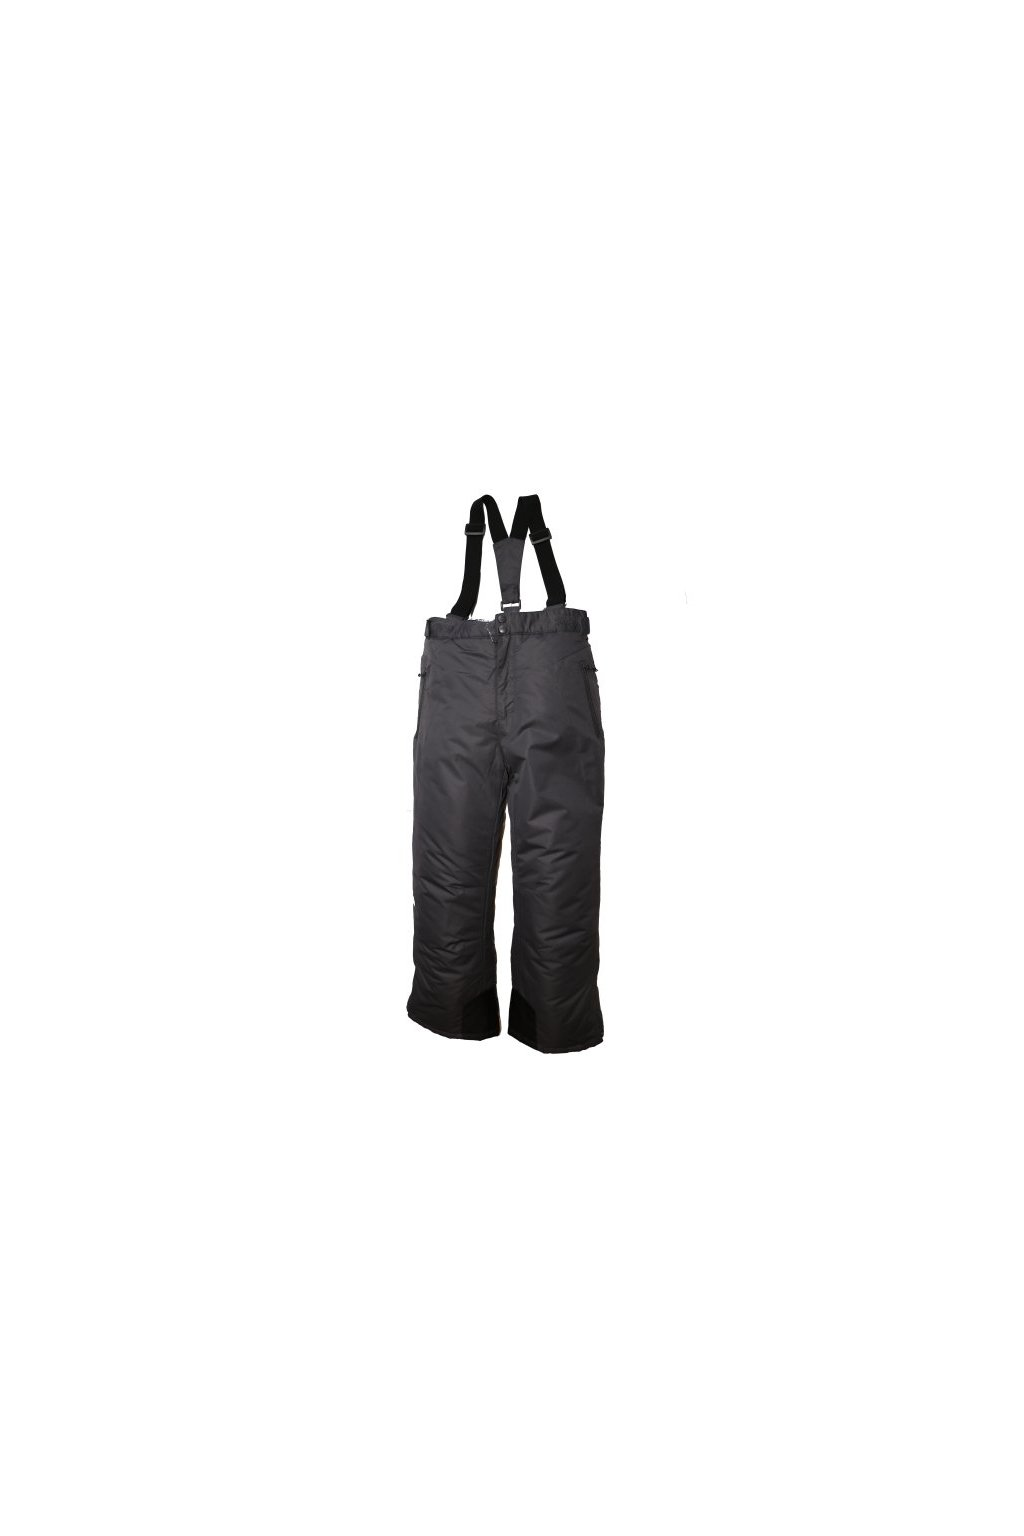 Dětské lyžařské kalhoty HB07-M1